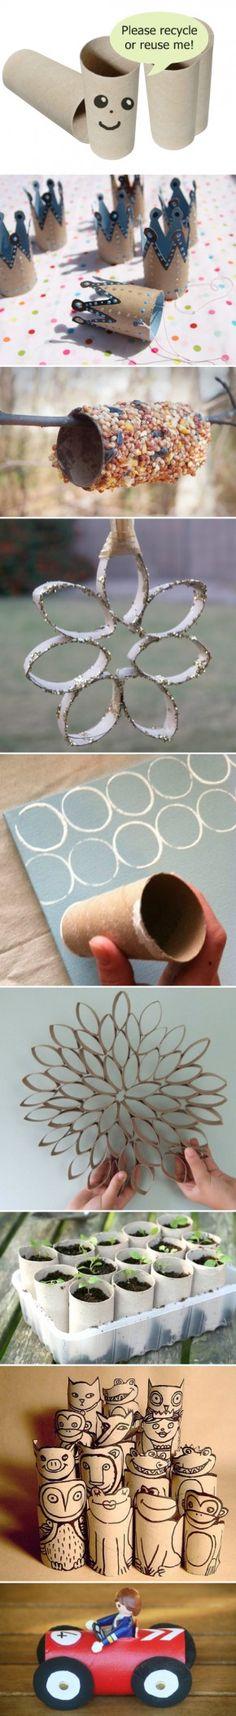 creatief met toiletrolletjes